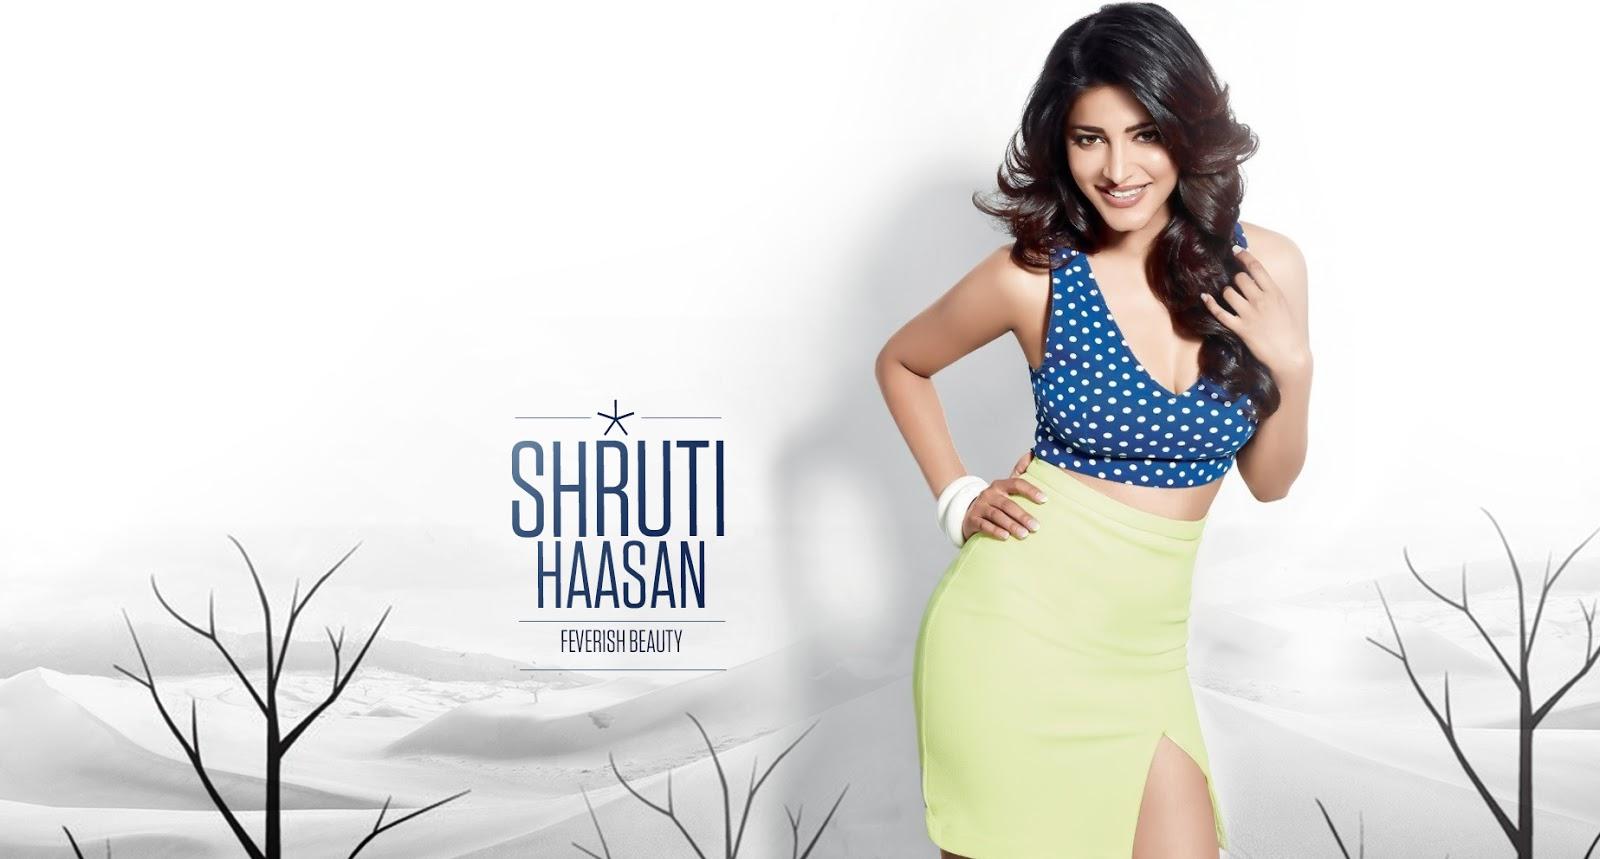 shruti haasan fresh beauty wallpaper